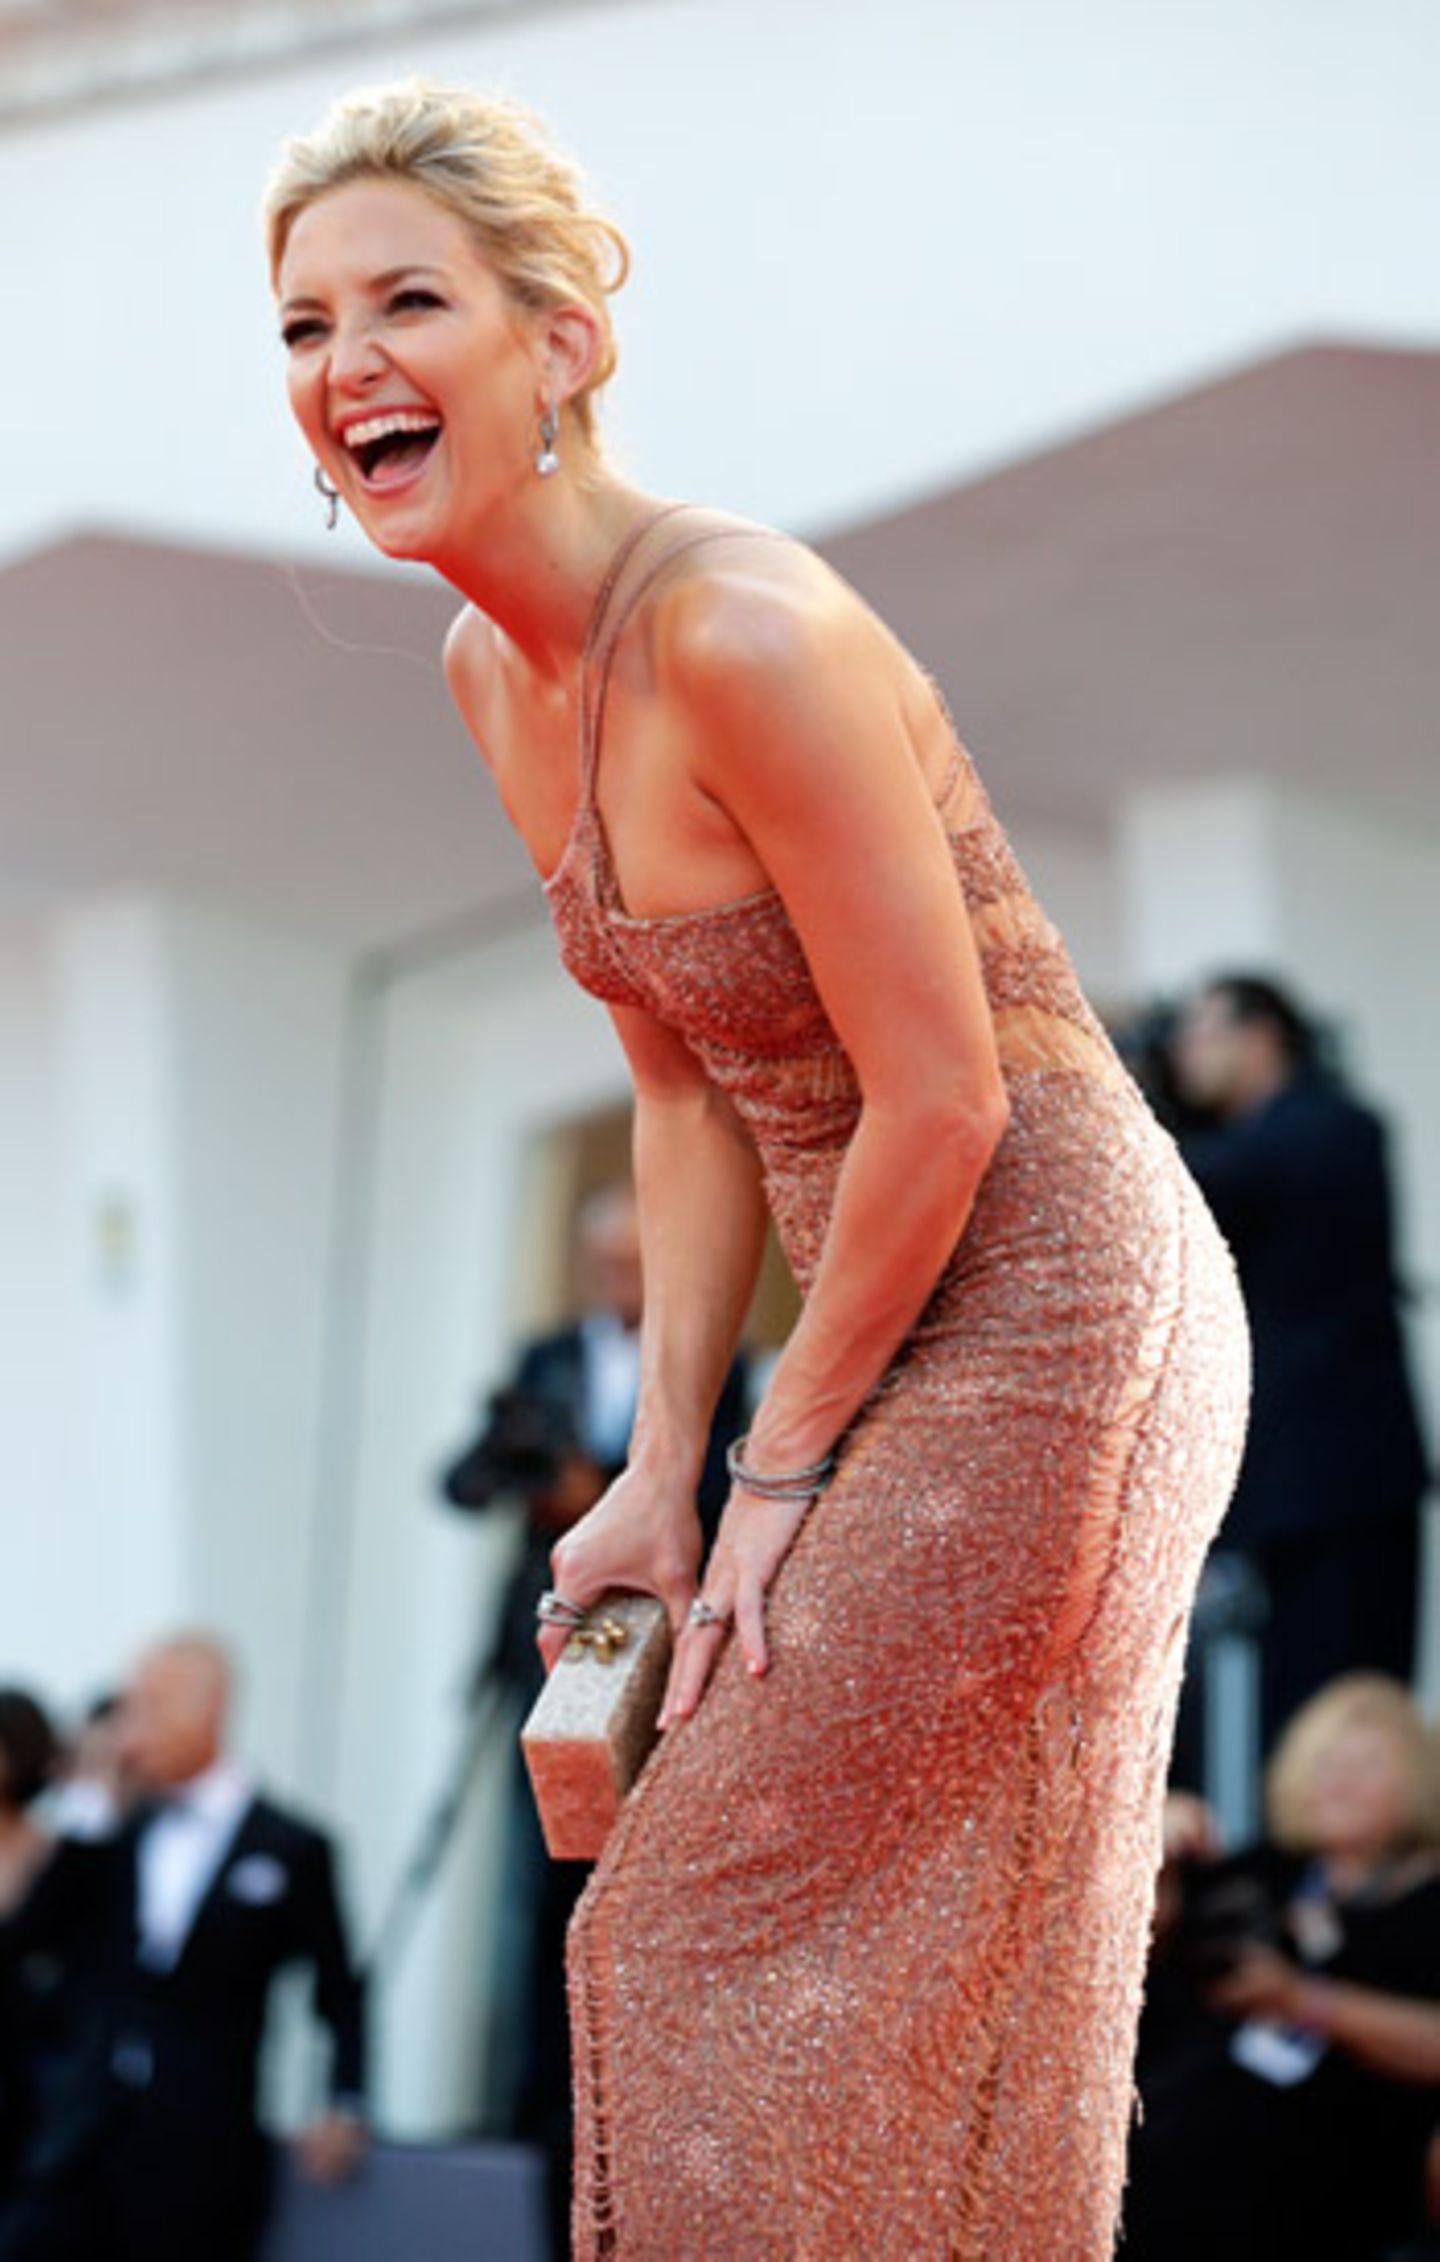 """Das Polit-Drama """"The Reluctant Fundamentalist"""" mit Hauptdarstellerin Kate Hudson eröffnet die 69. Internationalen Filmfestspiele"""